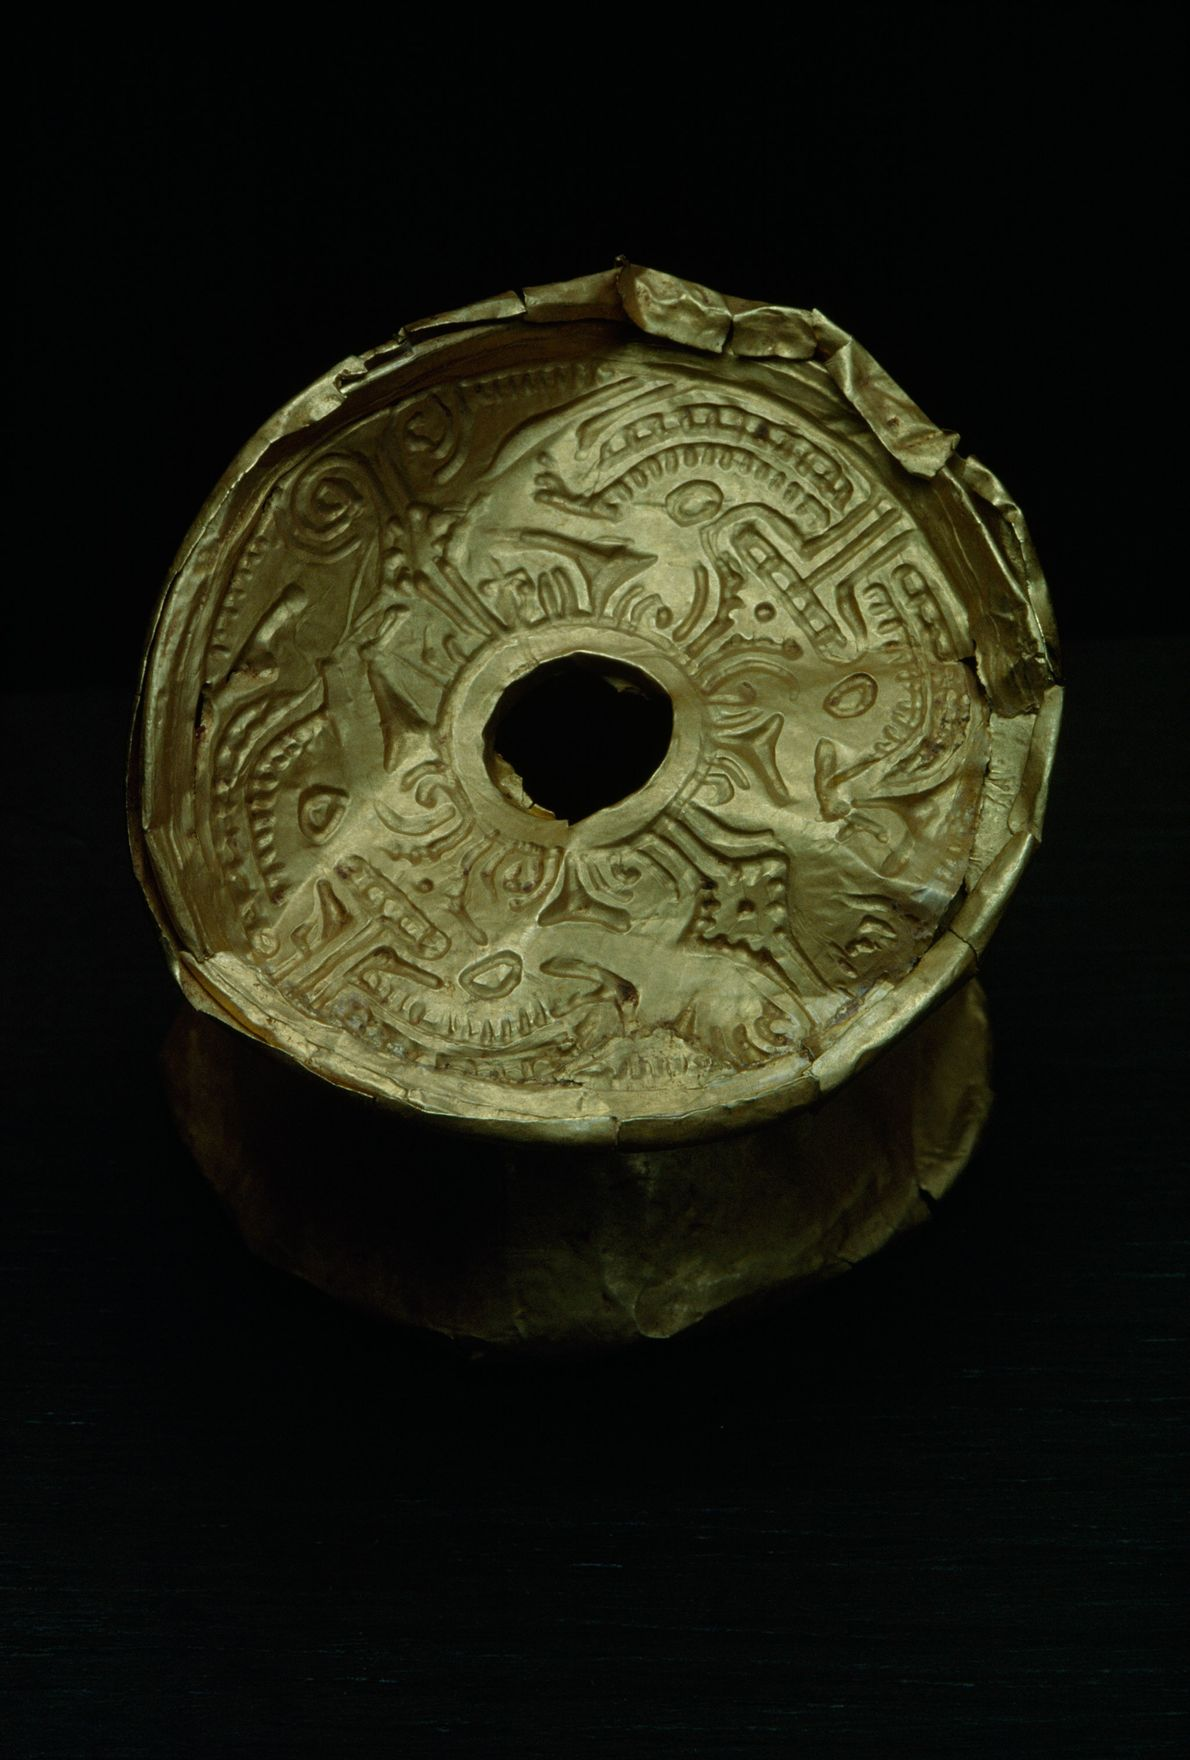 Este objeto em ouro é provavelmente representativo da cultura pré-colombiana calima, uma região arqueológica na costa ...